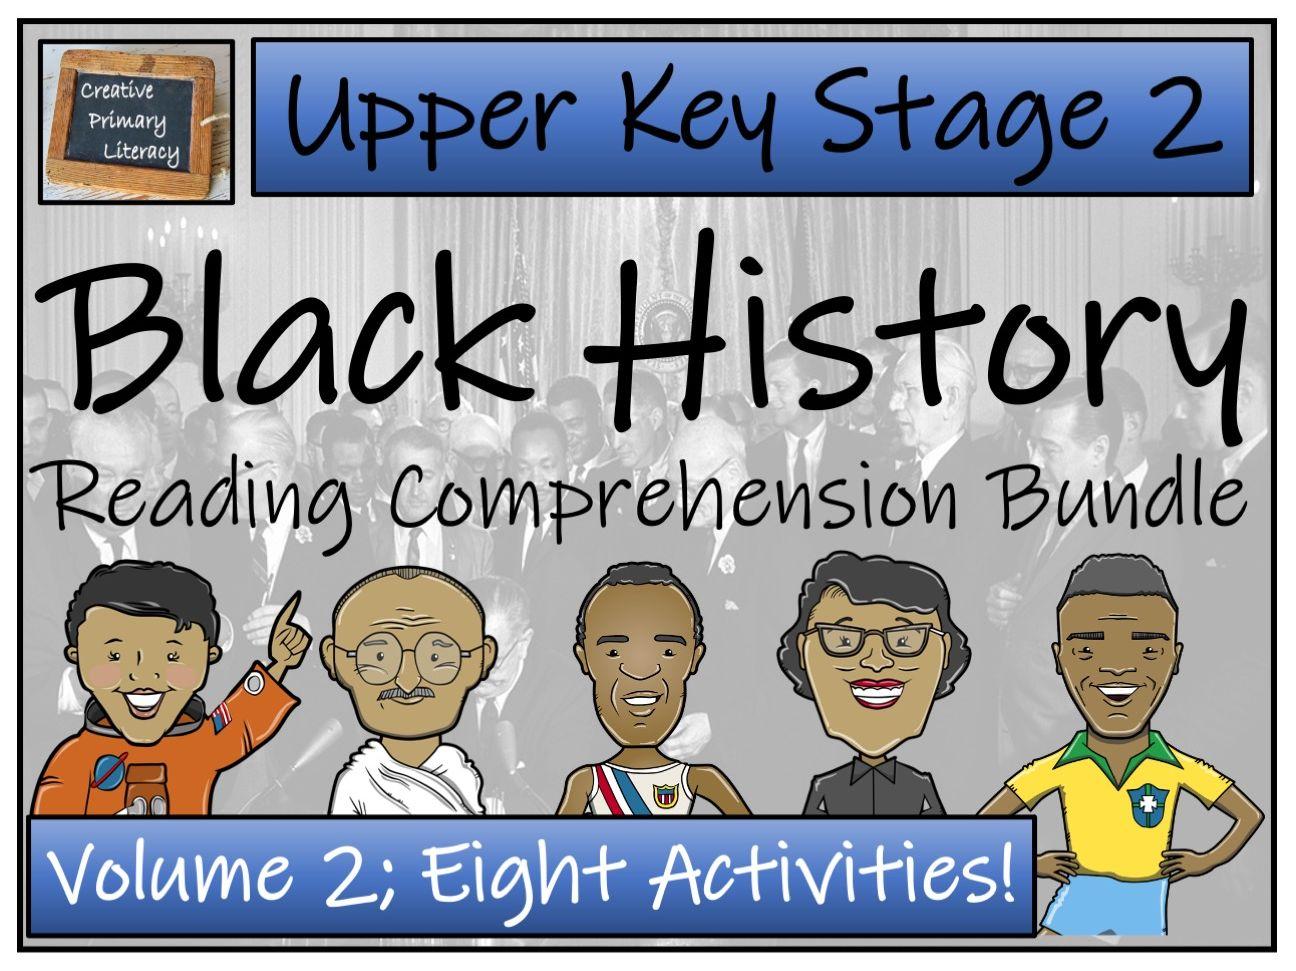 UKS2 Black History Month Volume 2 Reading Comprehension Bundle